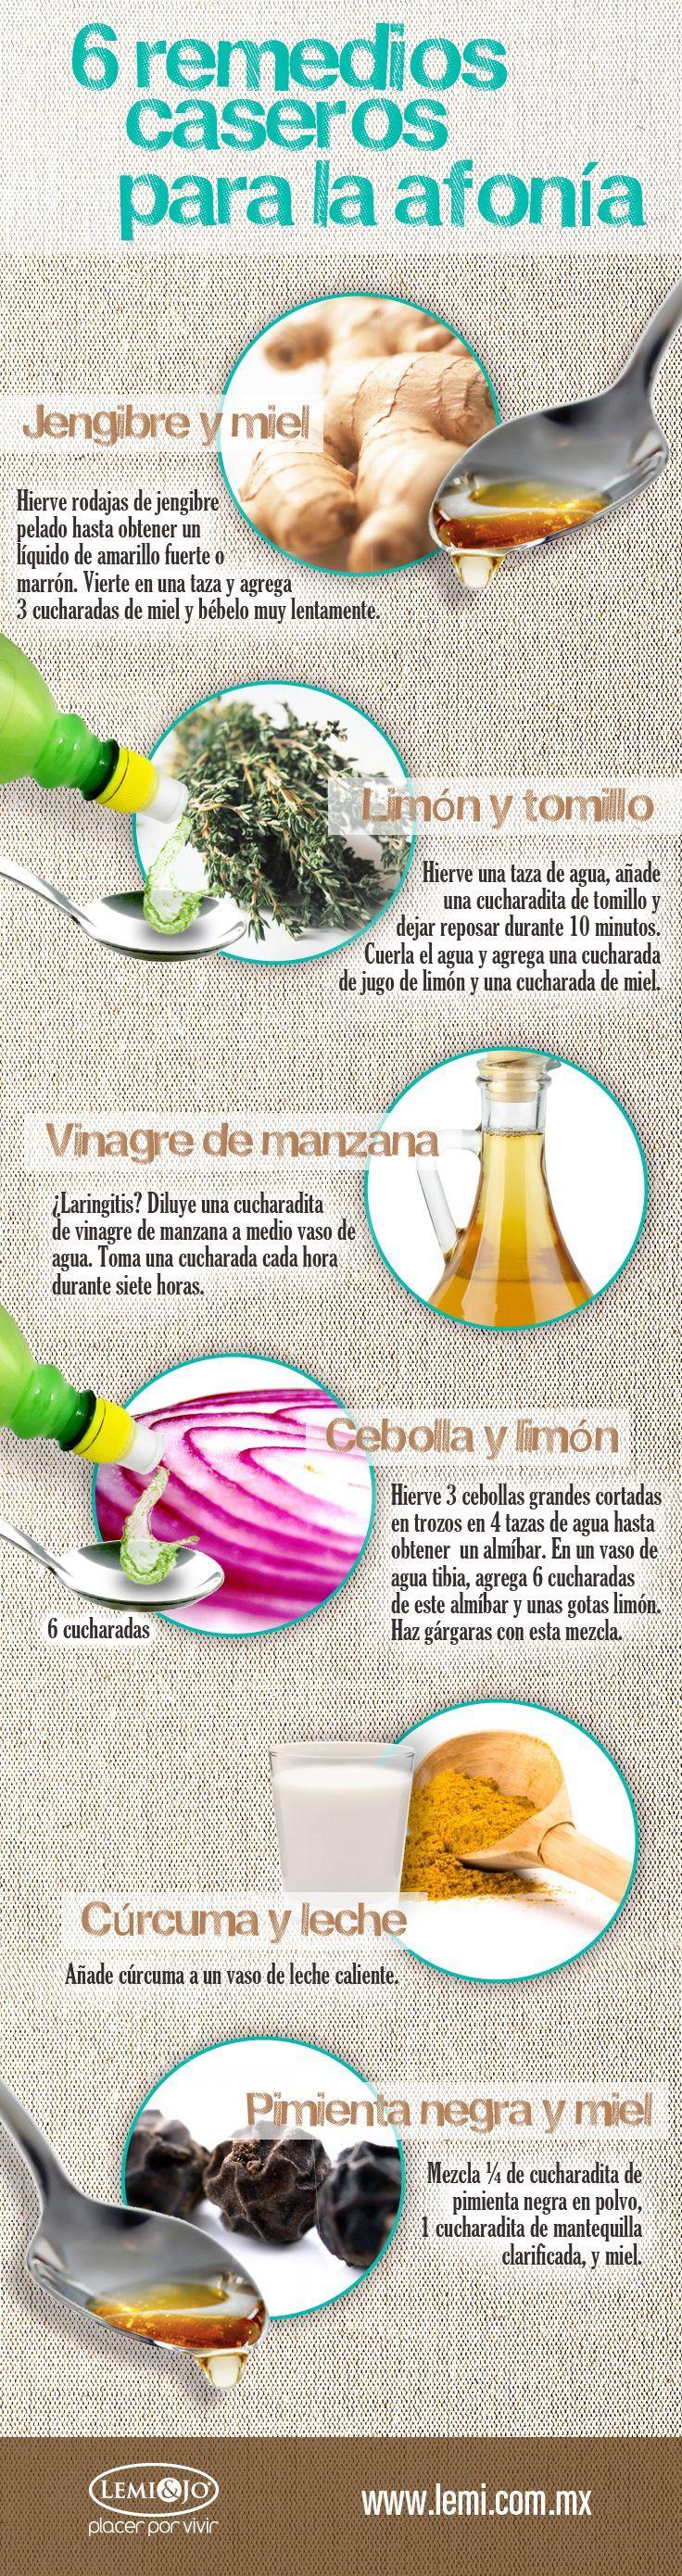 6 remedios caseros para la afonía - 6 home remedies for hoarseness